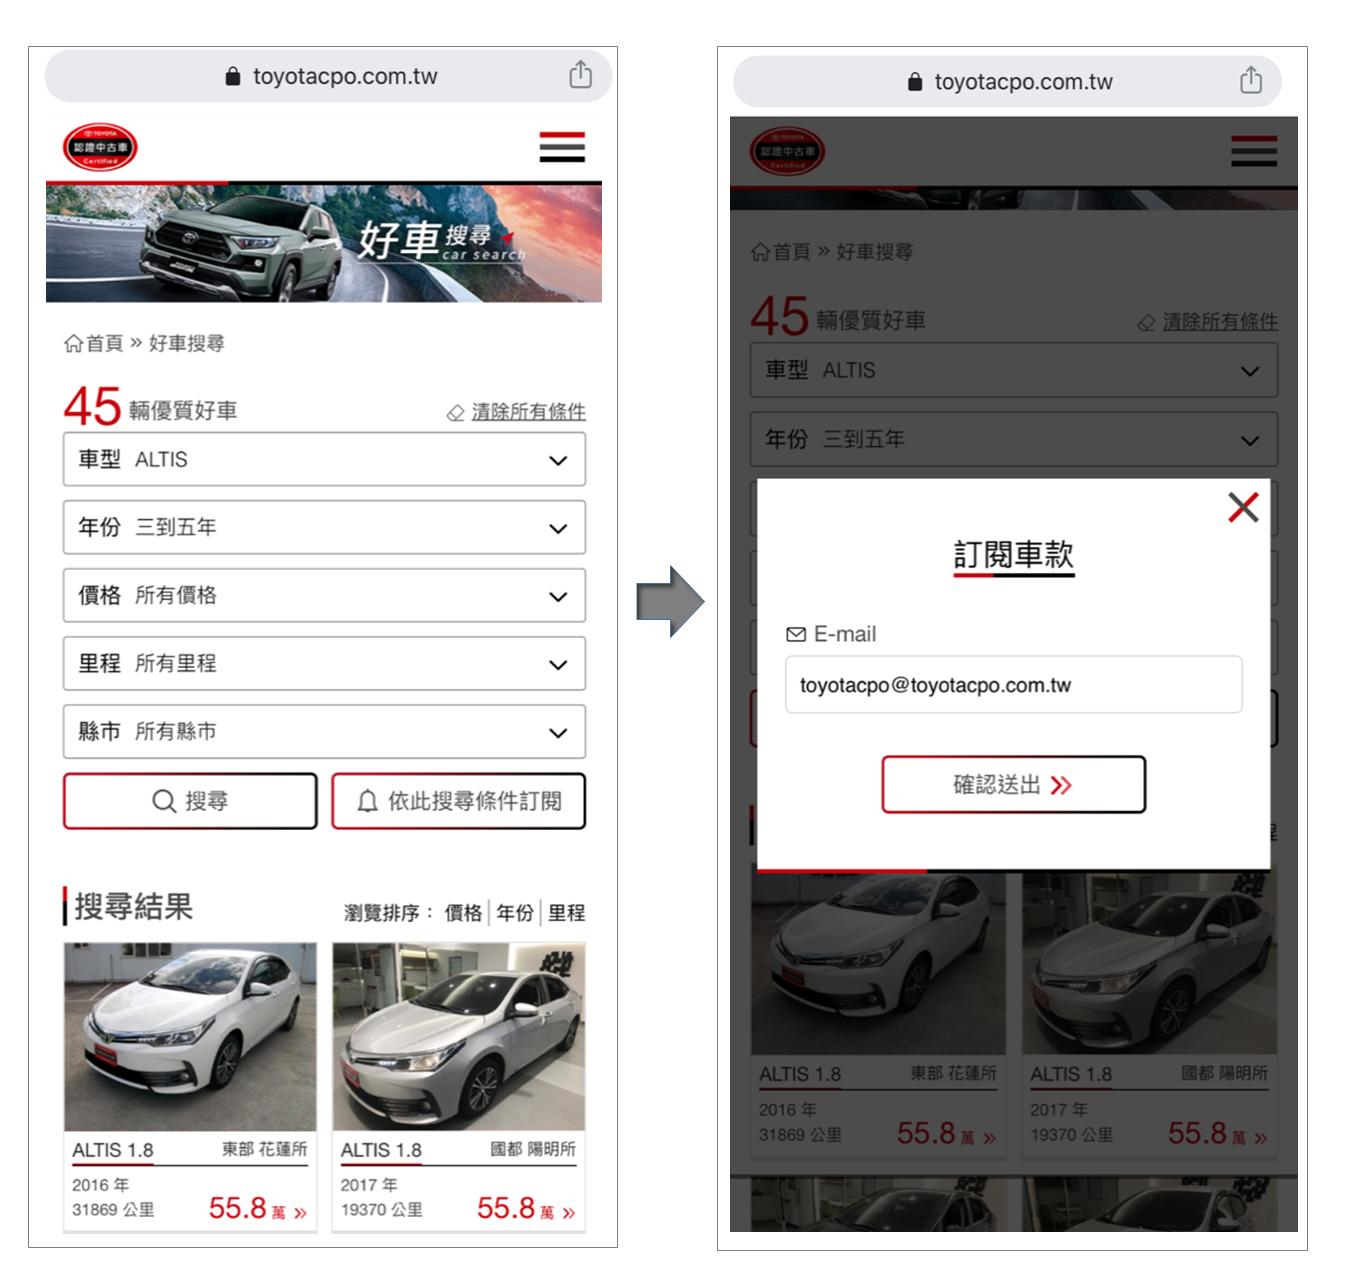 可設定搜尋條件,選擇喜愛車款,並可輸入E-MAIL進行搜尋條件訂閱。